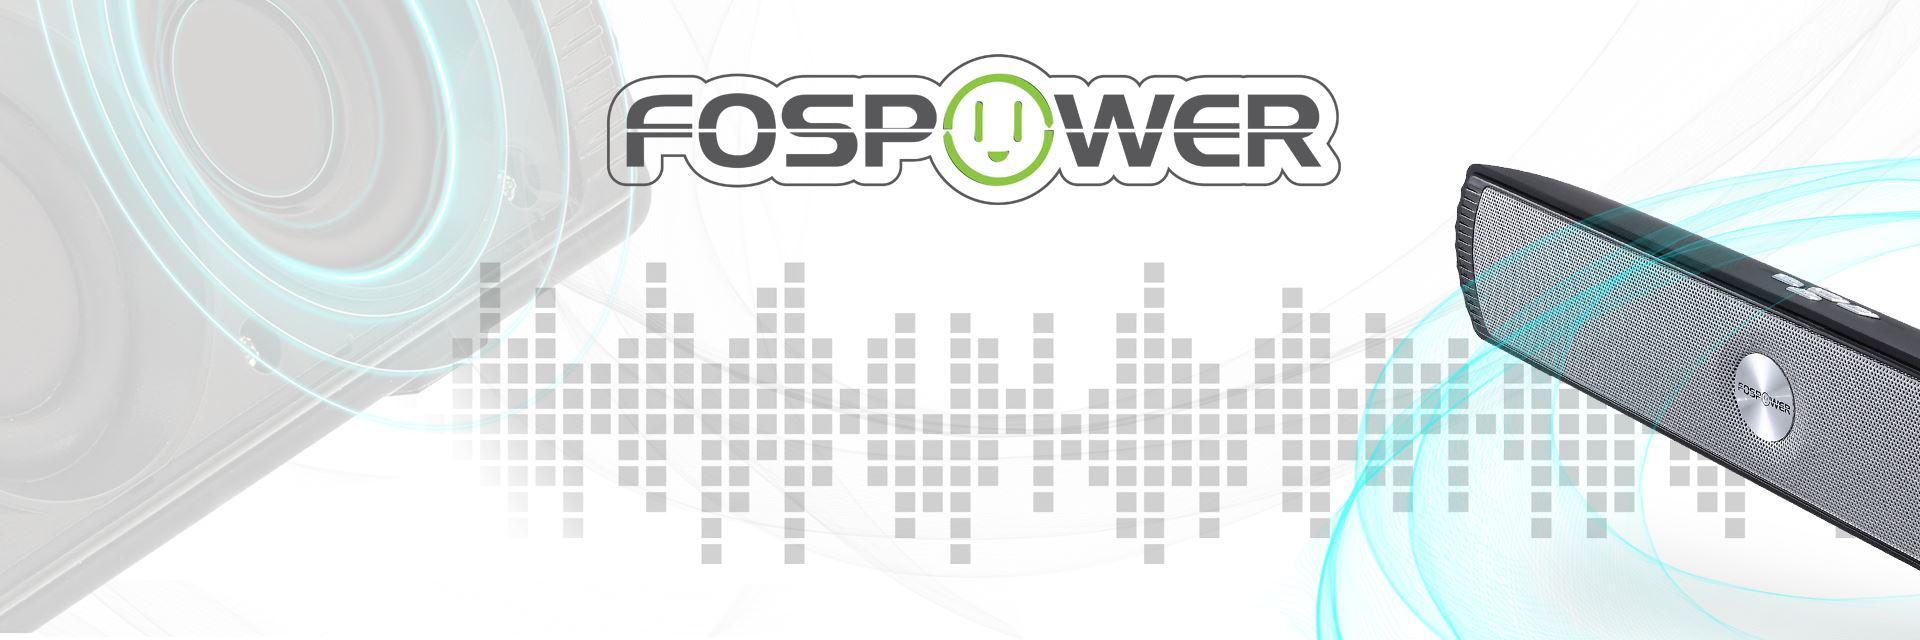 FosPower